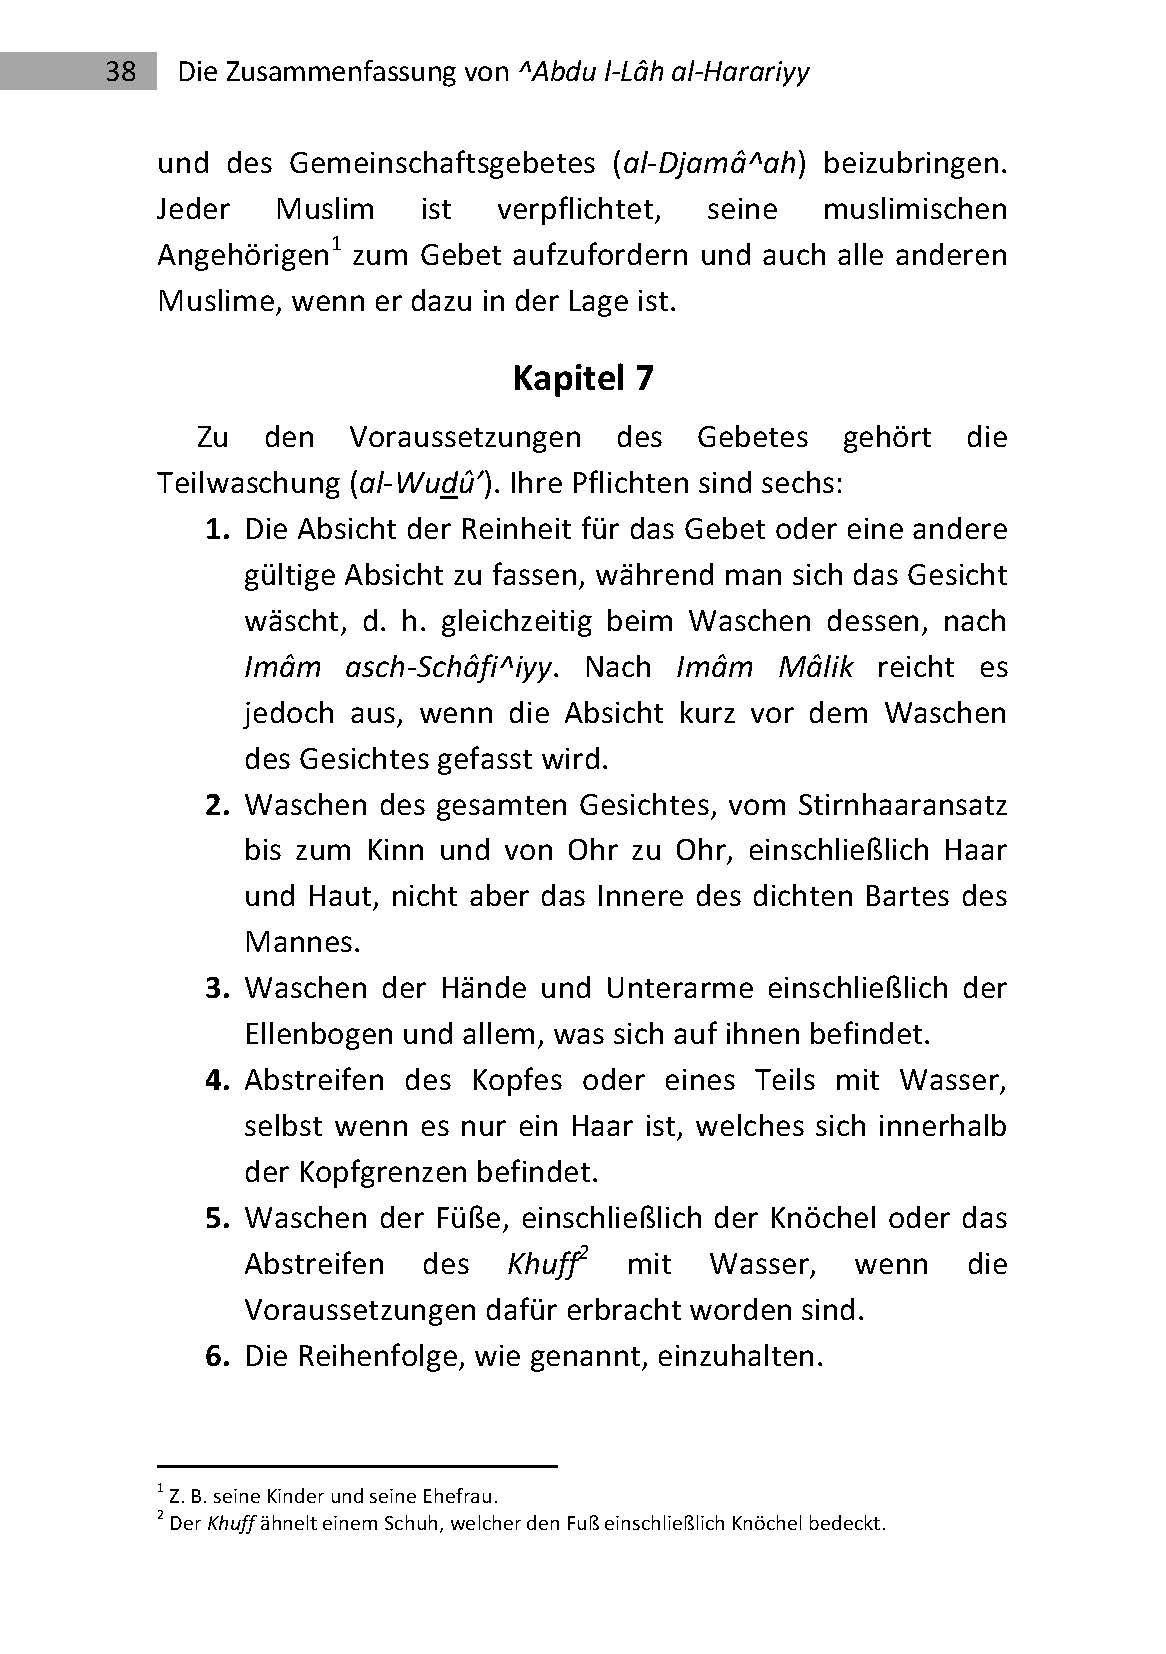 Die Zusammenfassung - 3. Auflage 2014_Seite_38